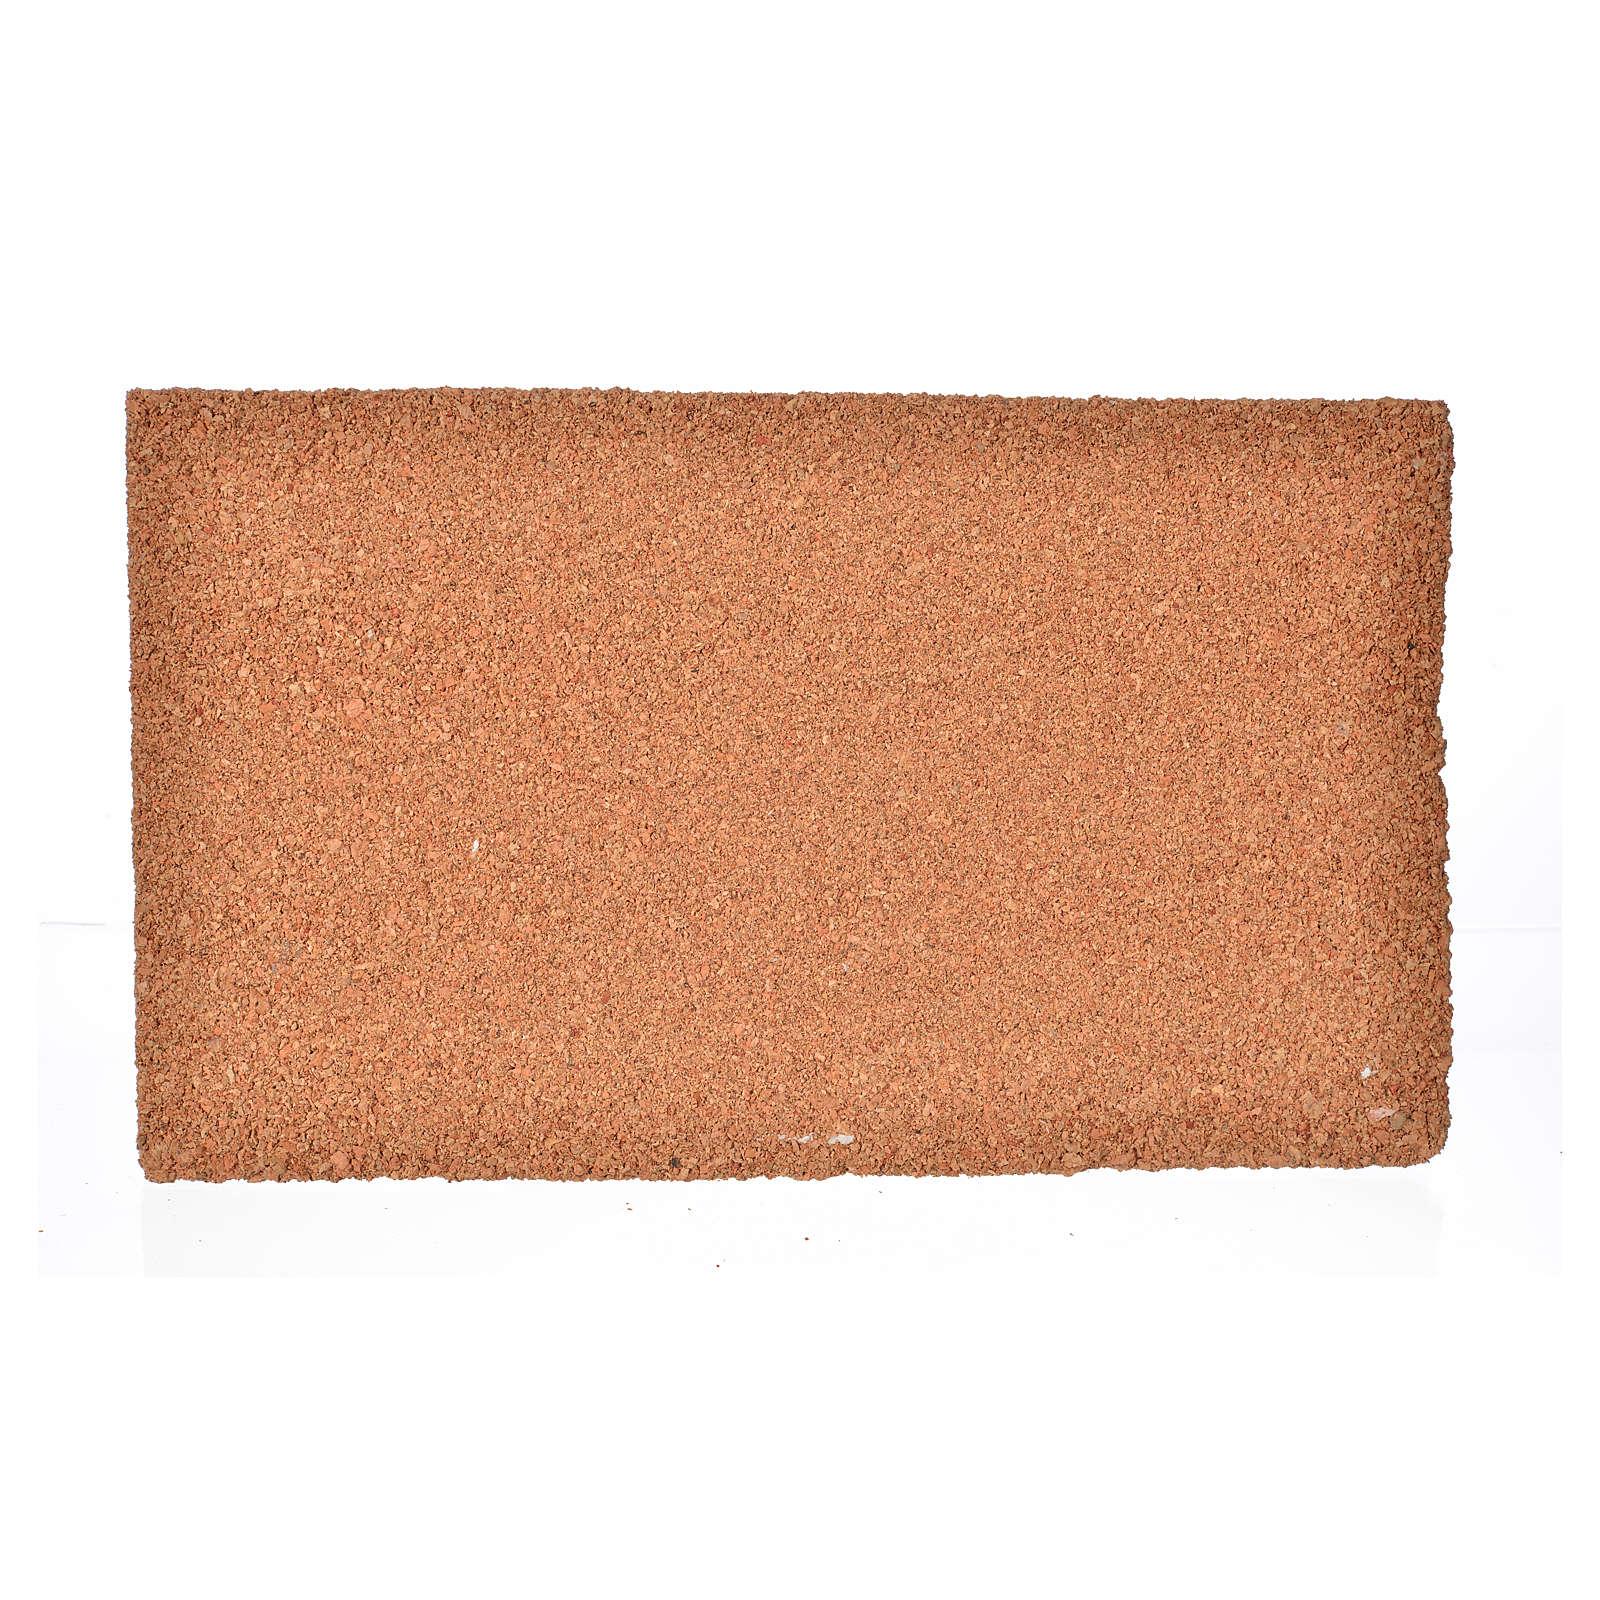 Plancha corcho piedra/ladrillo cm. 33x20x1.5 4